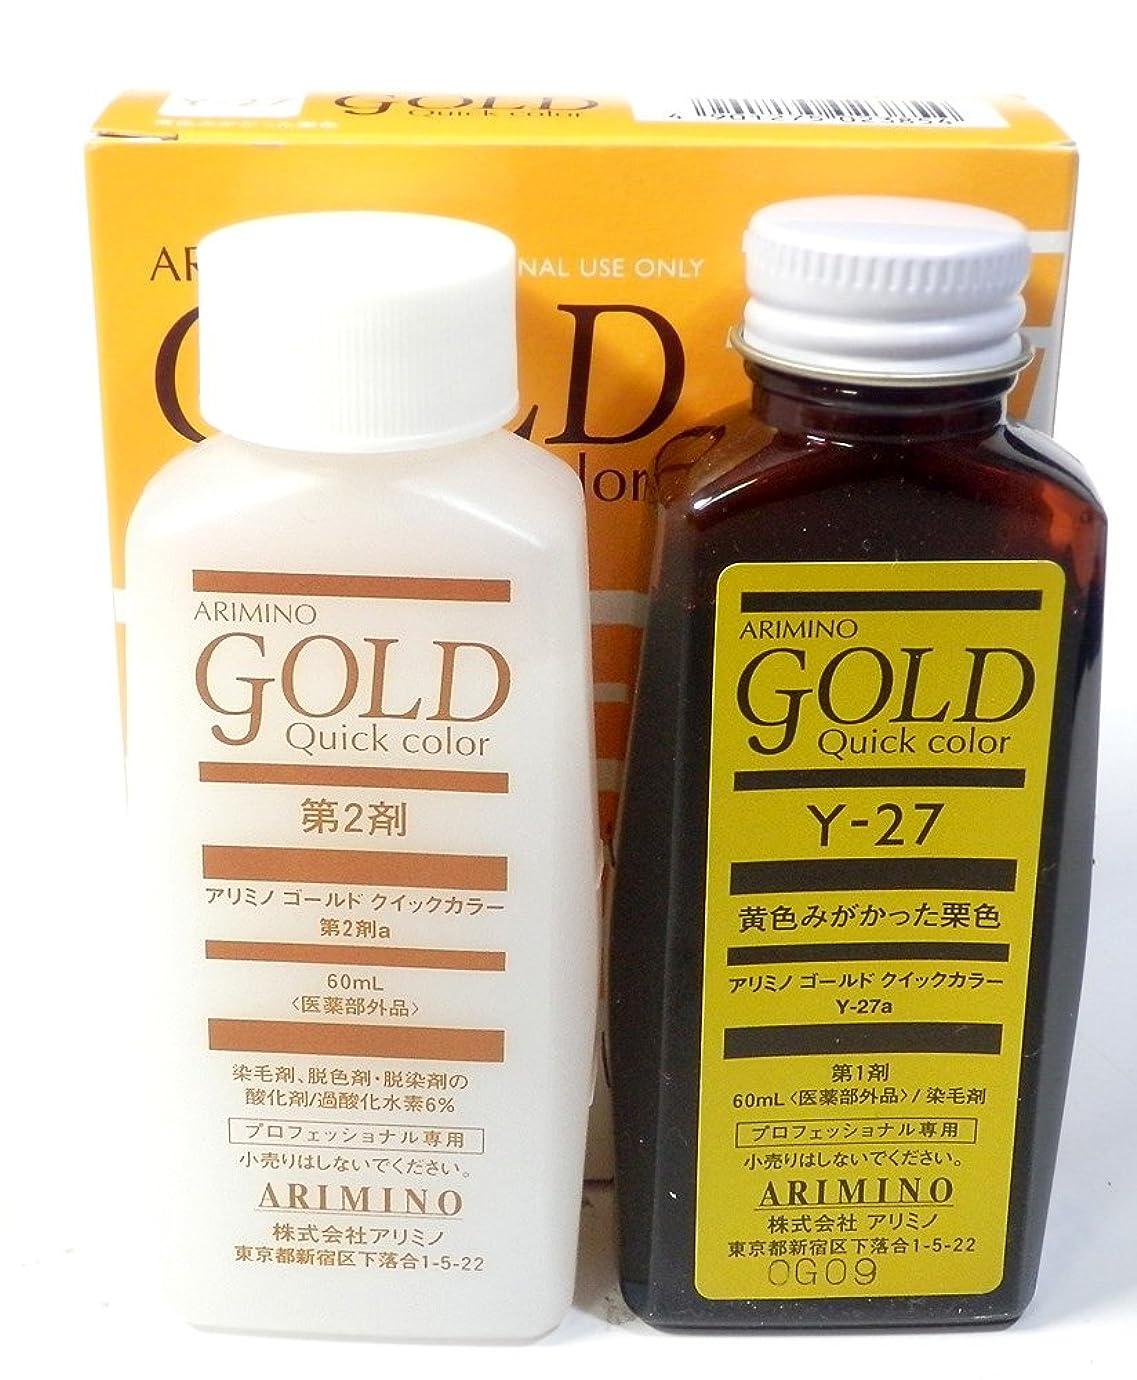 残り物血生産的アリミノ ARIMINO ゴールド クイックカラー Y-27 白髪染め 新品 黄色みがかった栗色